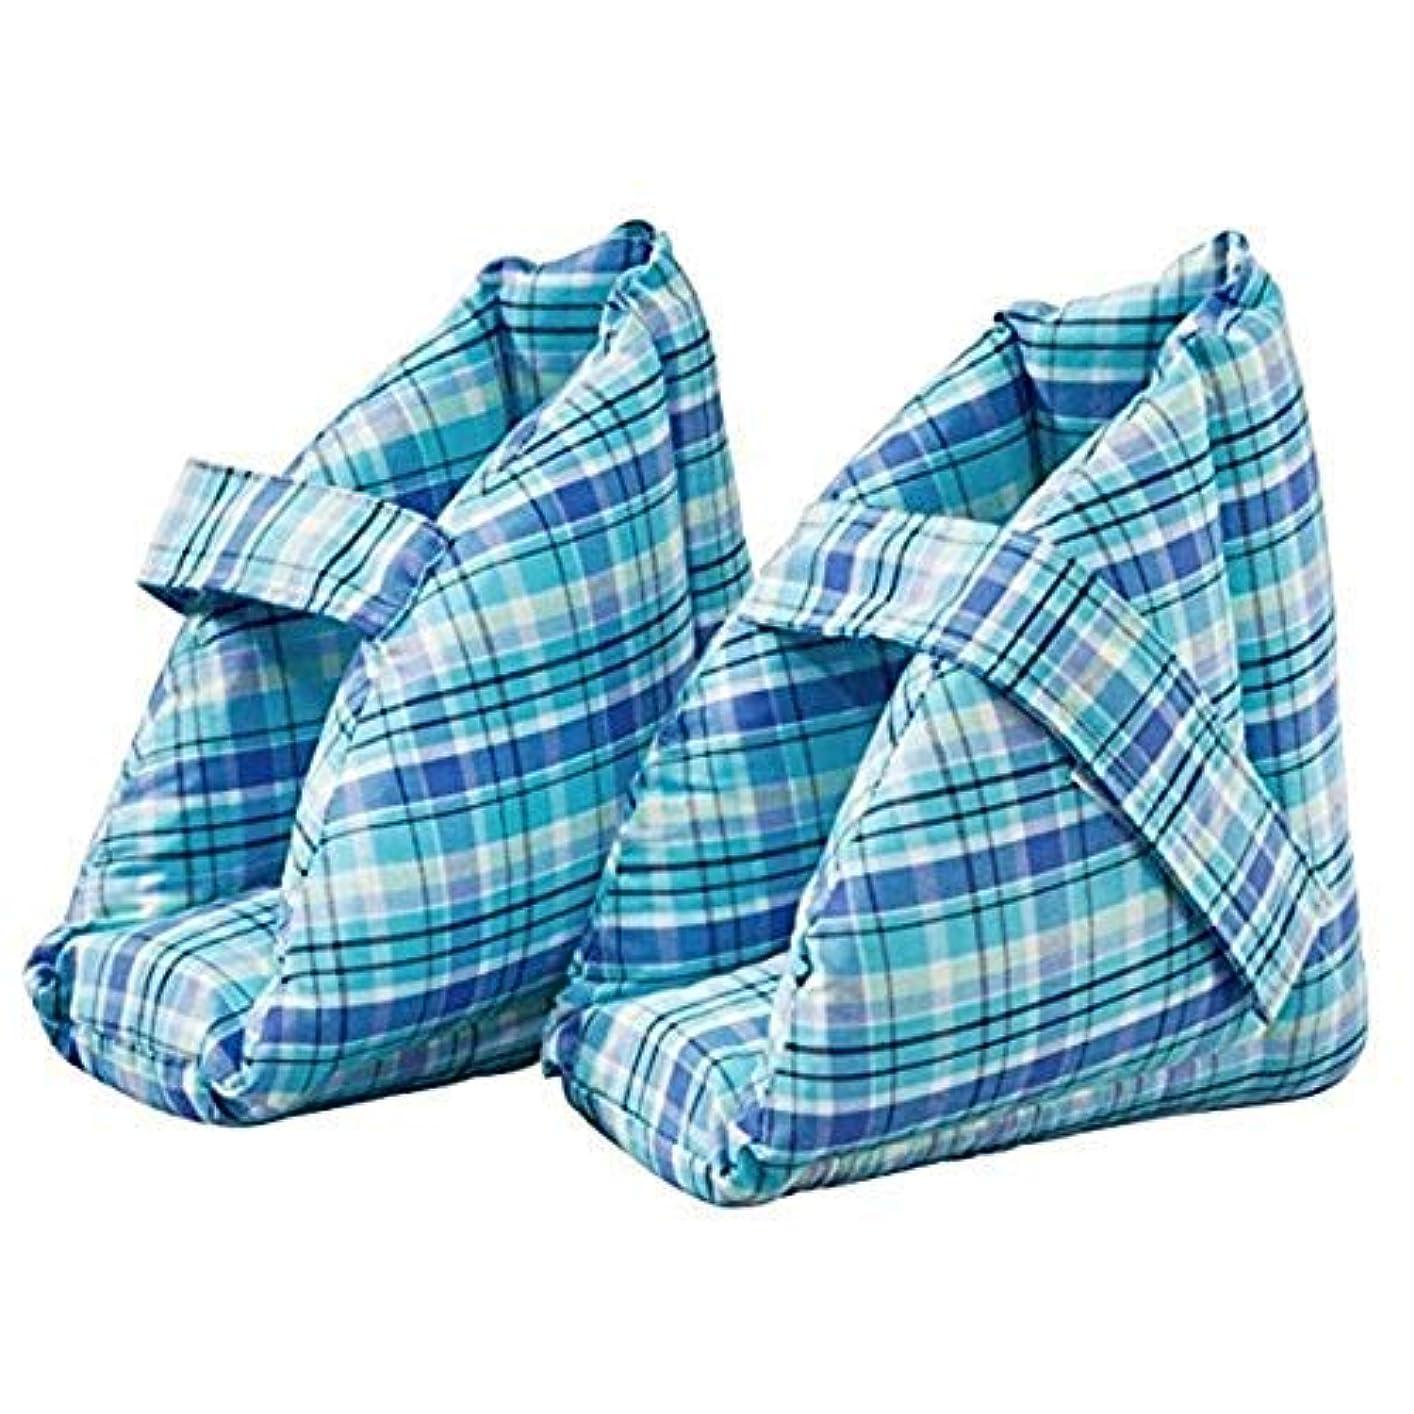 加速度履歴書処方する足の枕、足の腫れに最適なヒールプロテクタークッション、コンフォートヒールの保護足枕、ワンペア